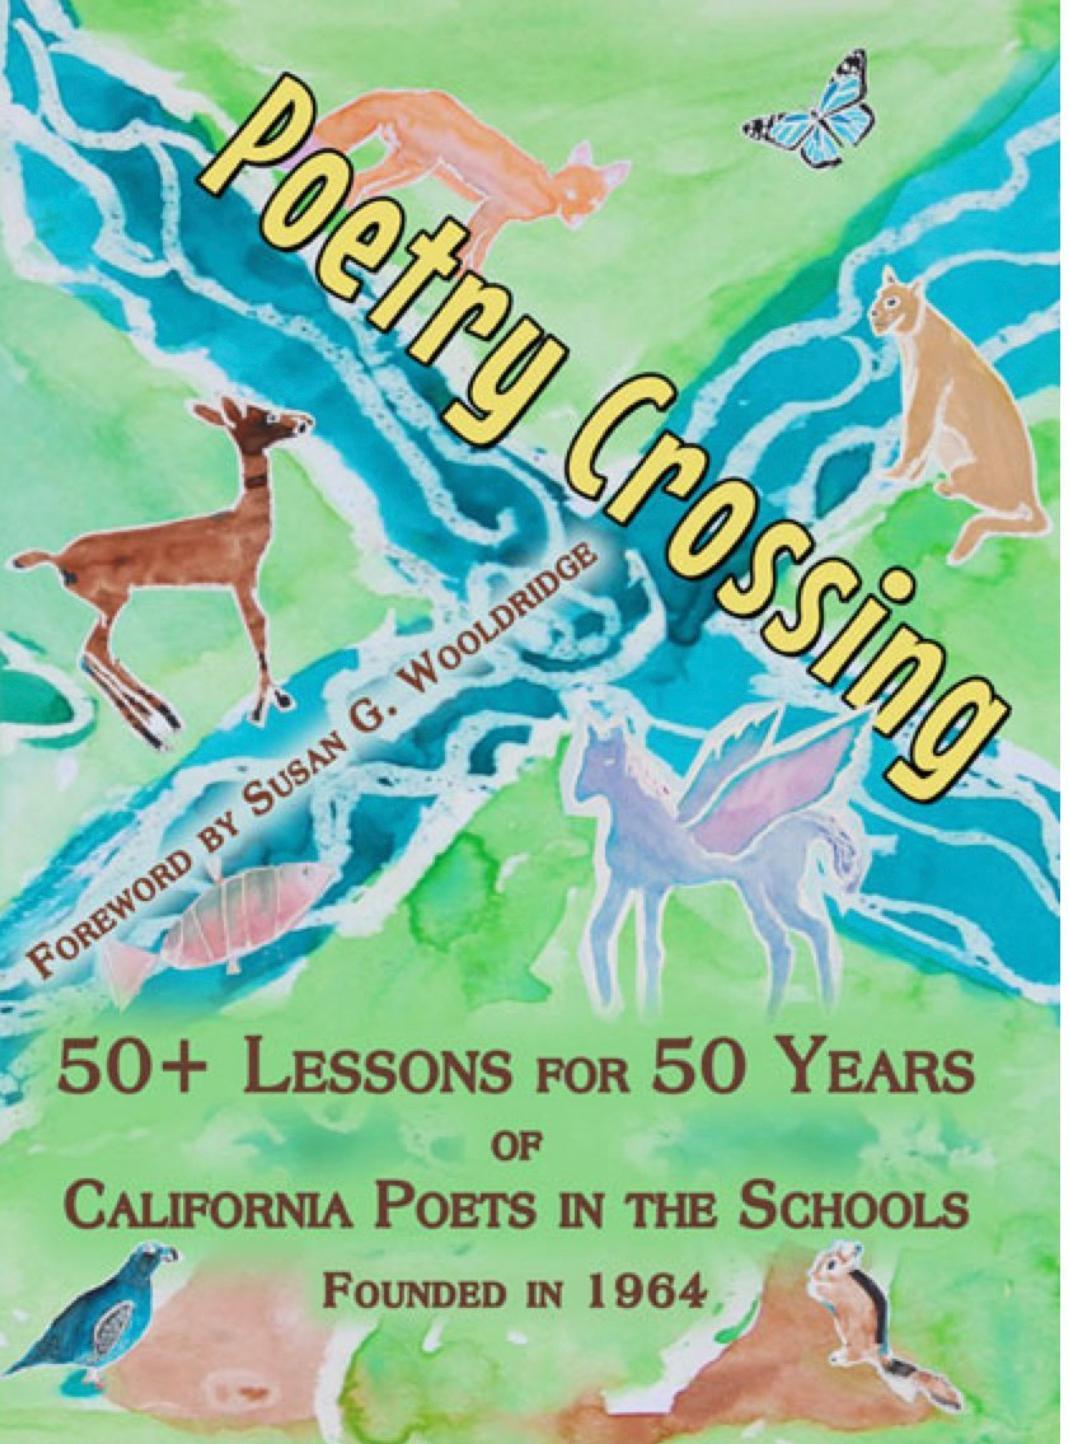 Poetry Crossing